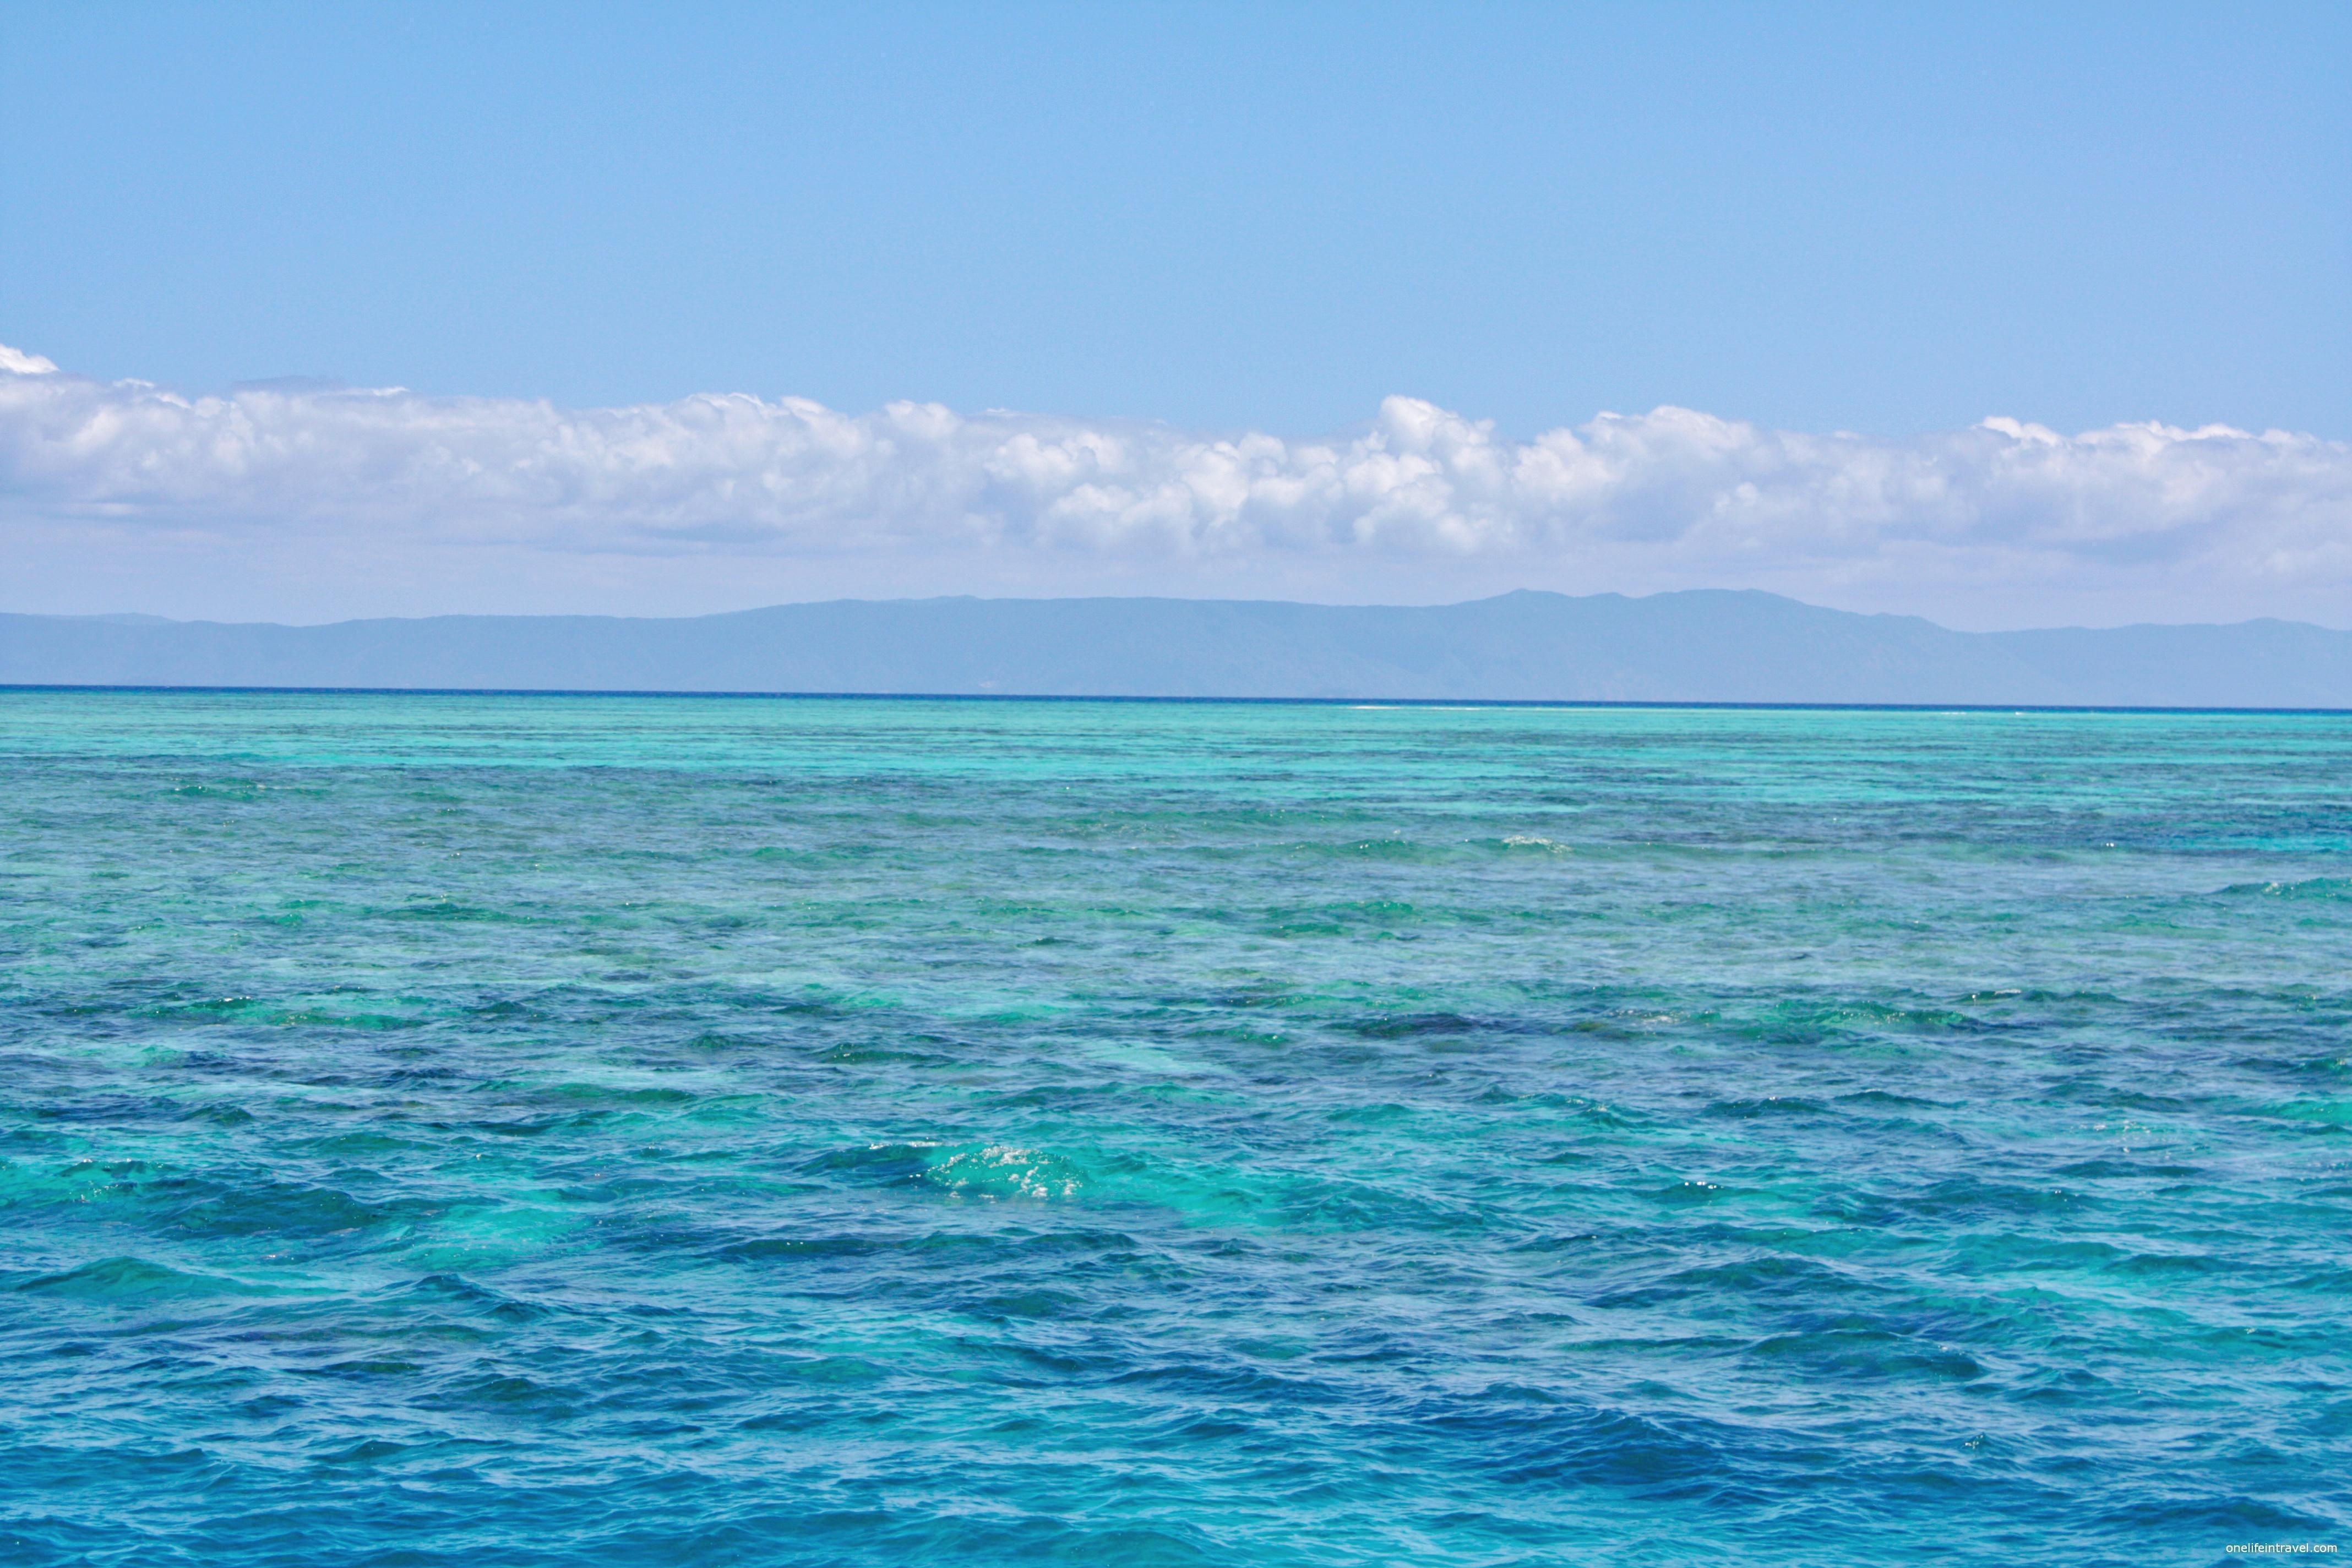 L'Australia e la Grande Barriera Corallina